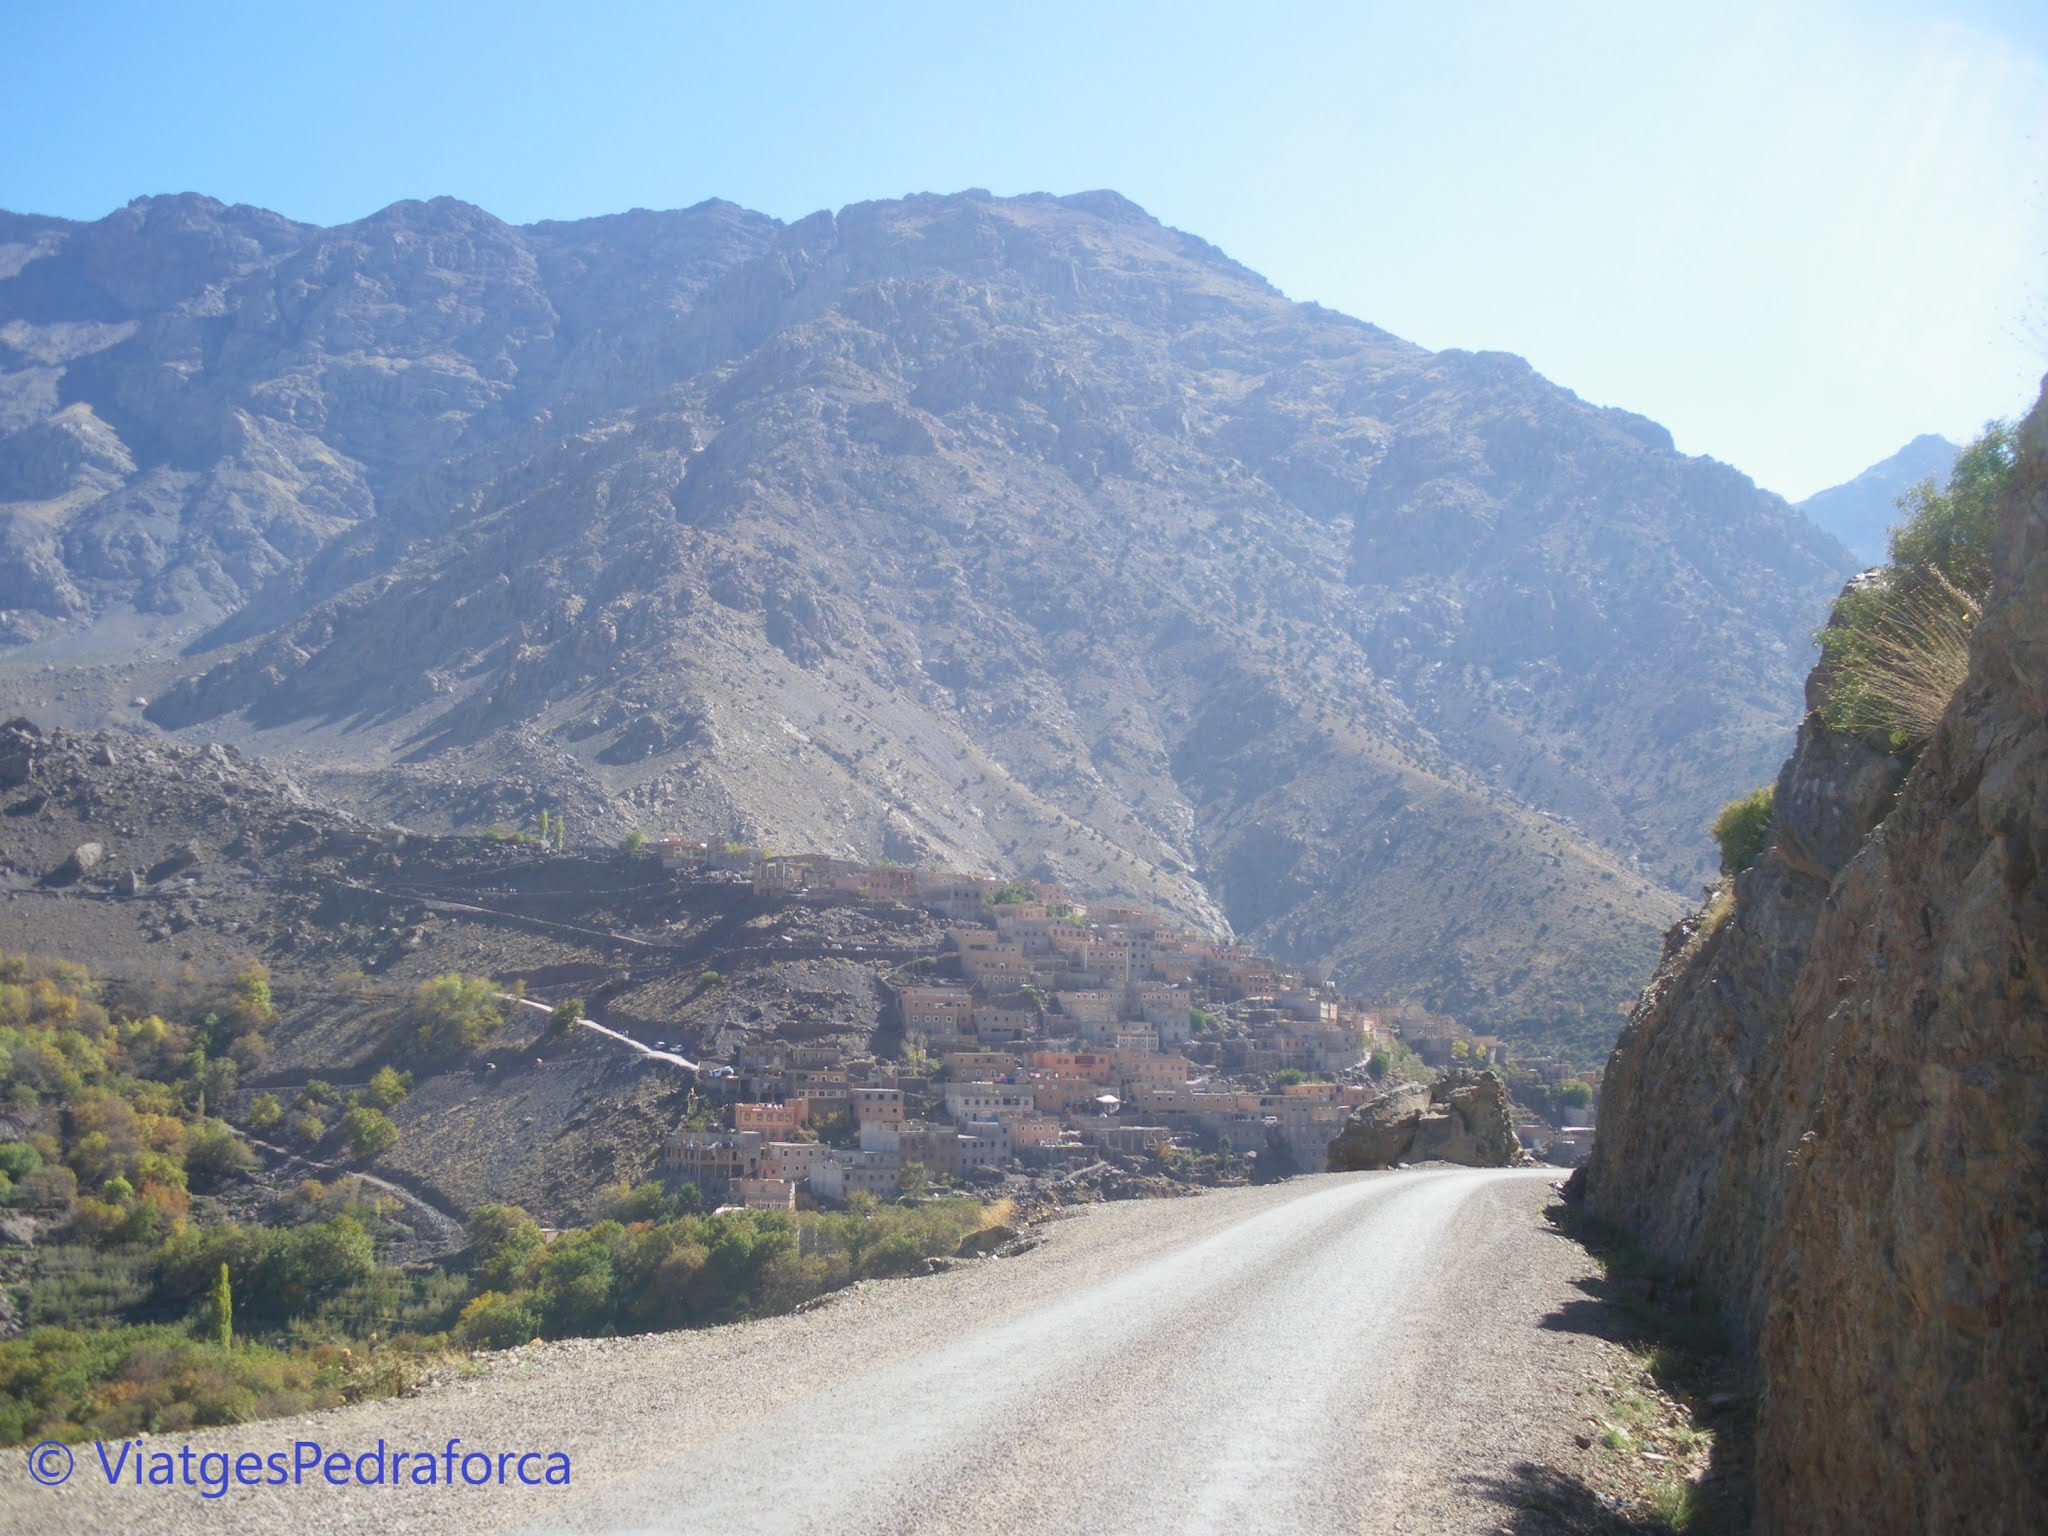 Viatjar per lliure al Marroc, senderisme